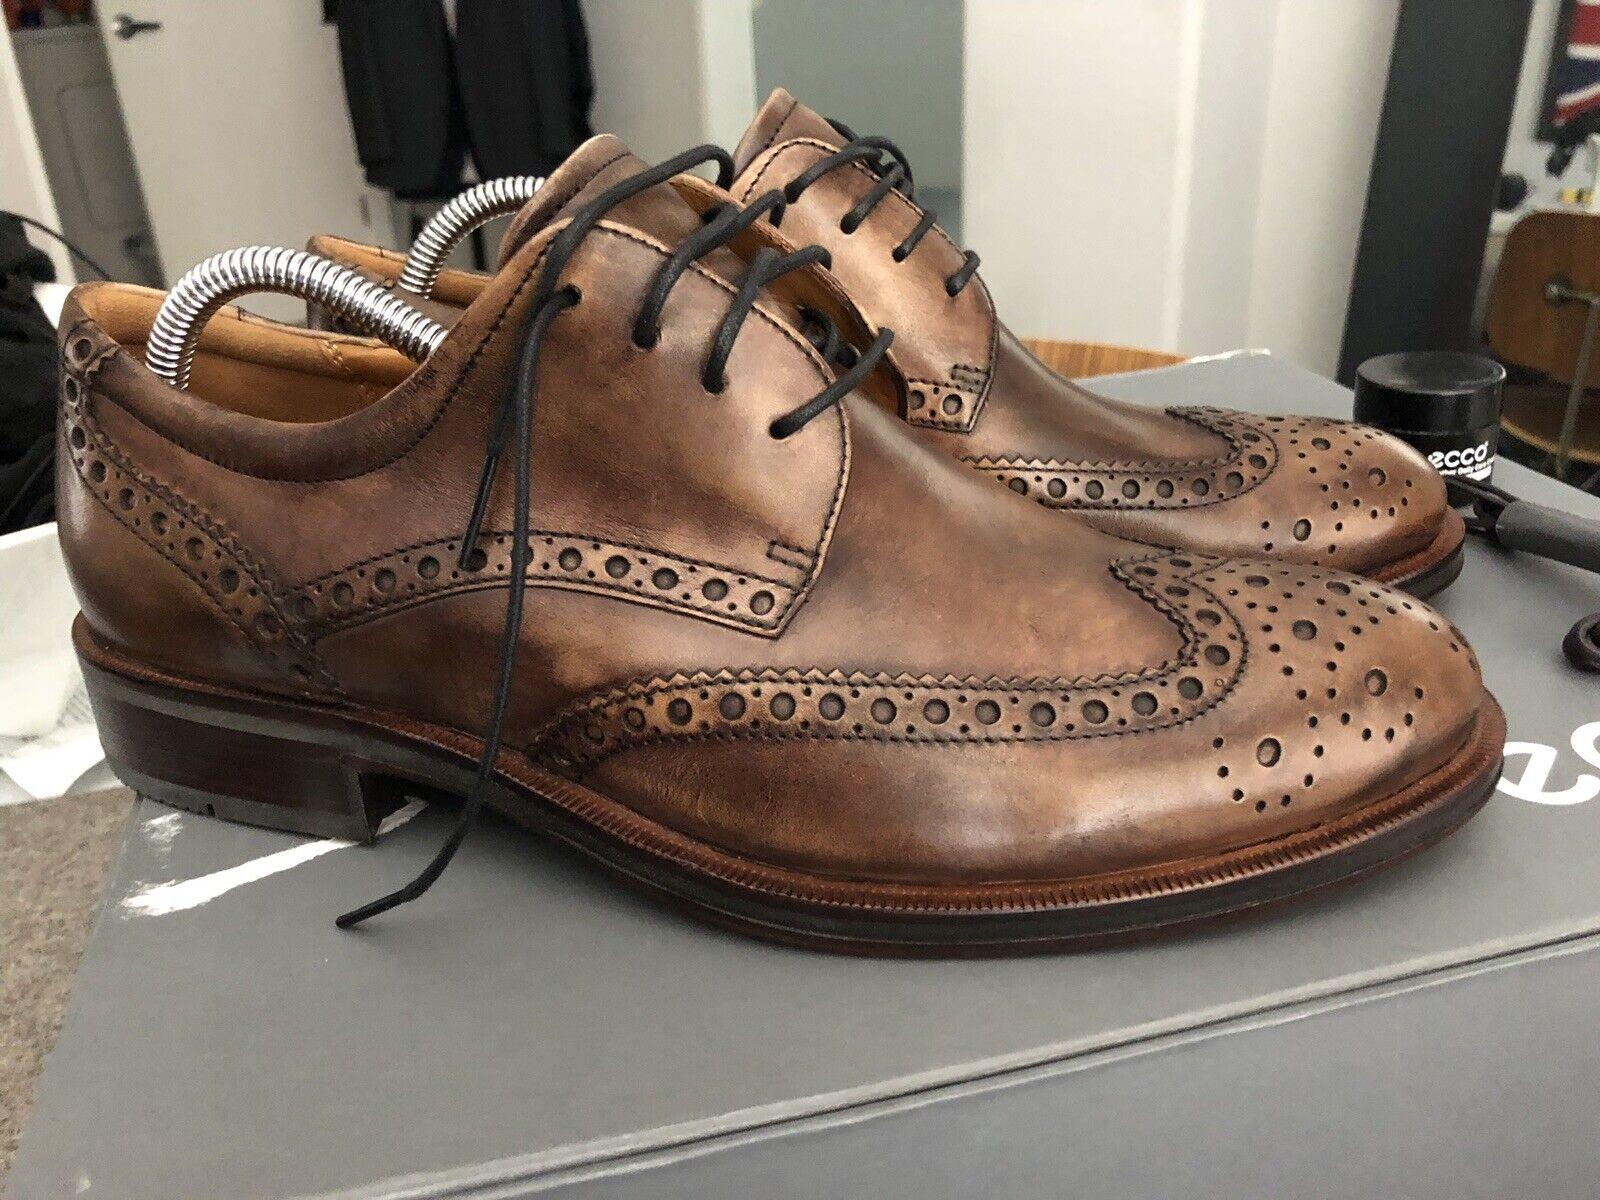 presentando tutte le ultime tendenze della moda LImited edition    NIB Ecco Canberra Wing Tip Teak Leather Sole Retail  350  in vendita